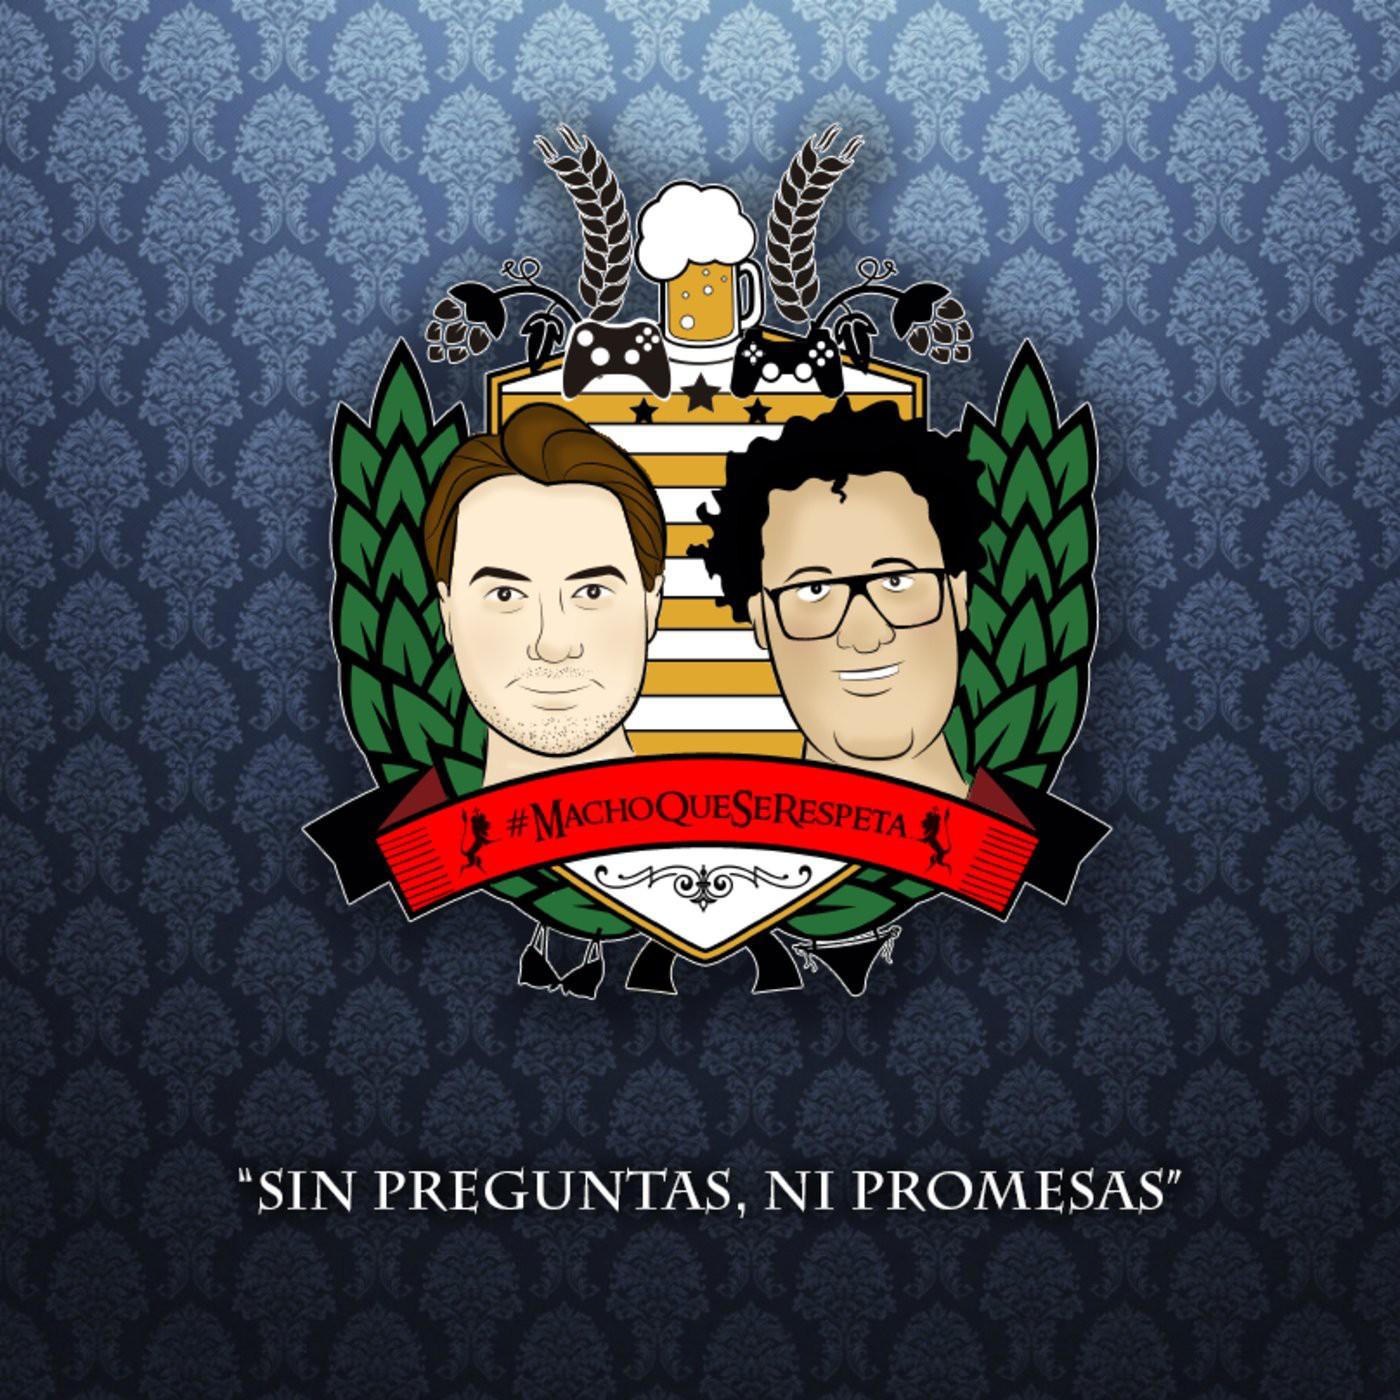 <![CDATA[Podcast de Macho que se respeta ]]>